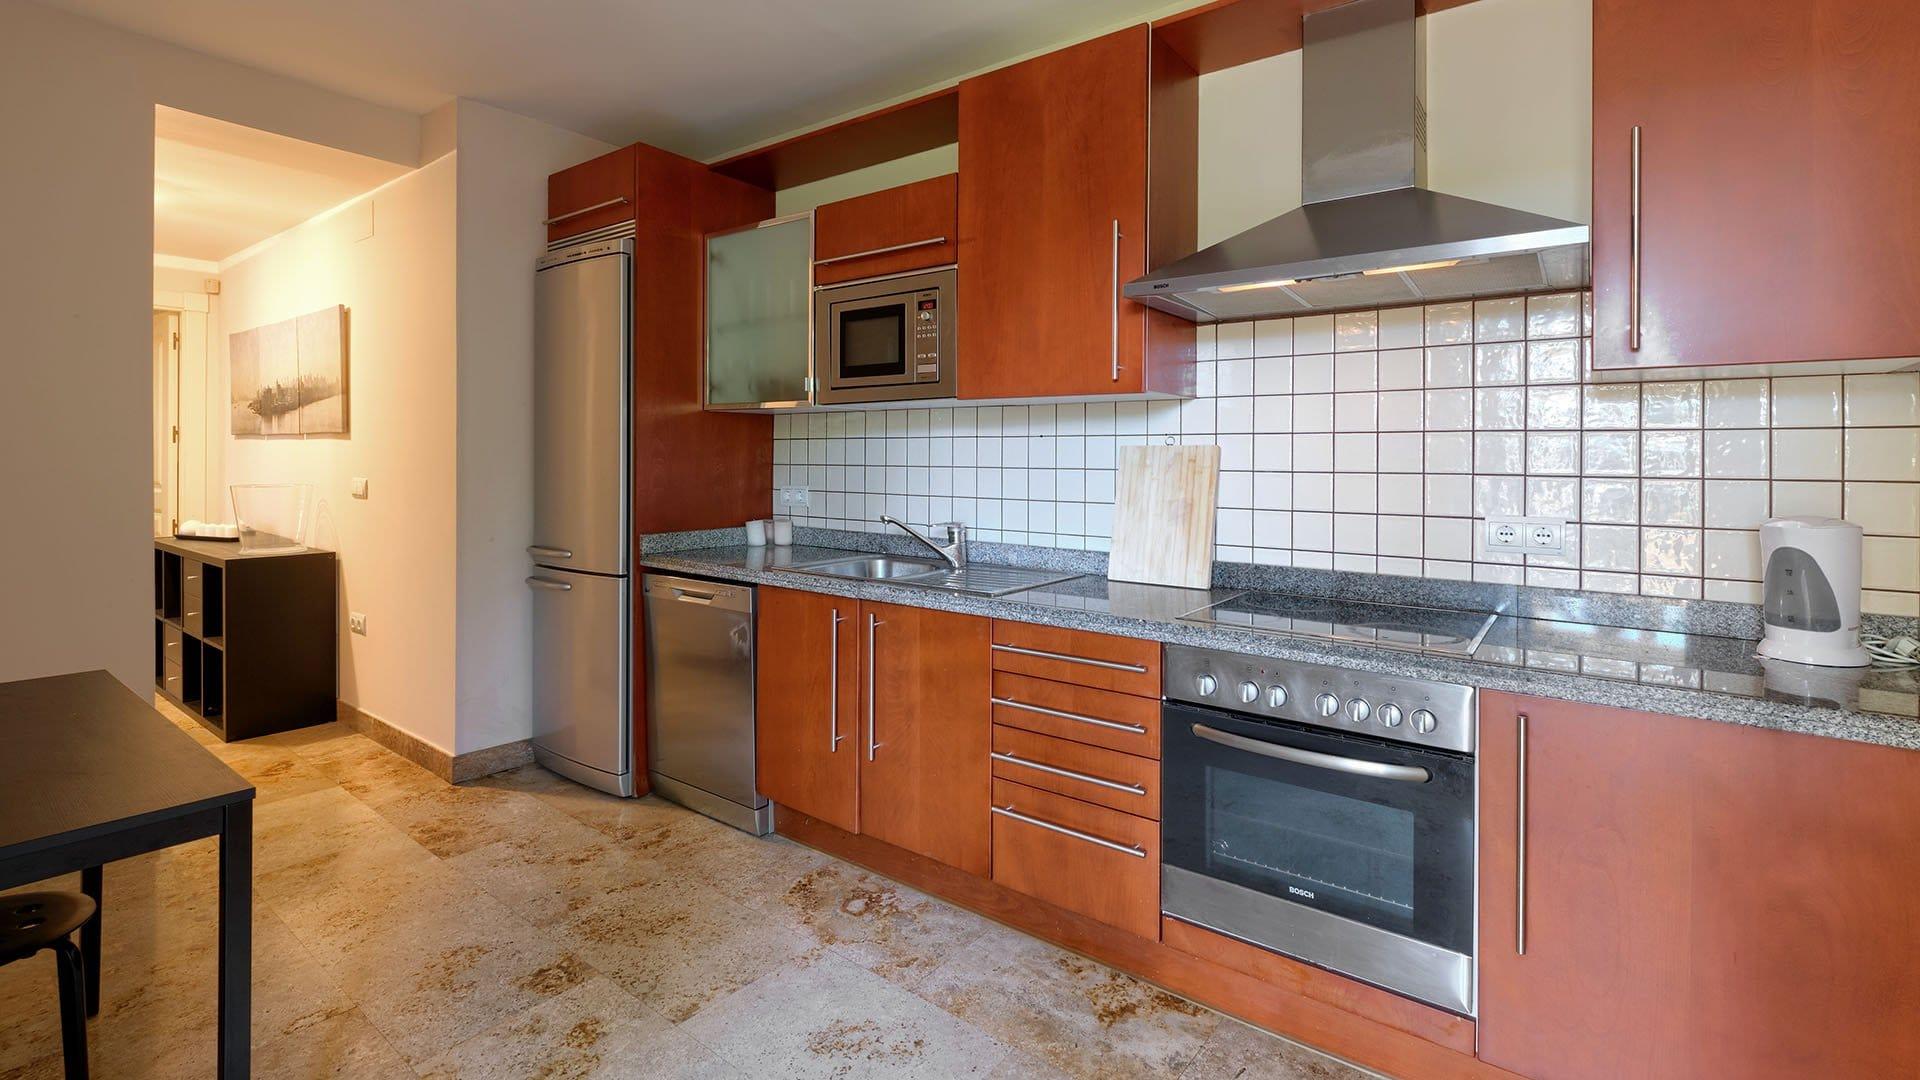 La Cascada: Ruim appartement op de Golden Mile